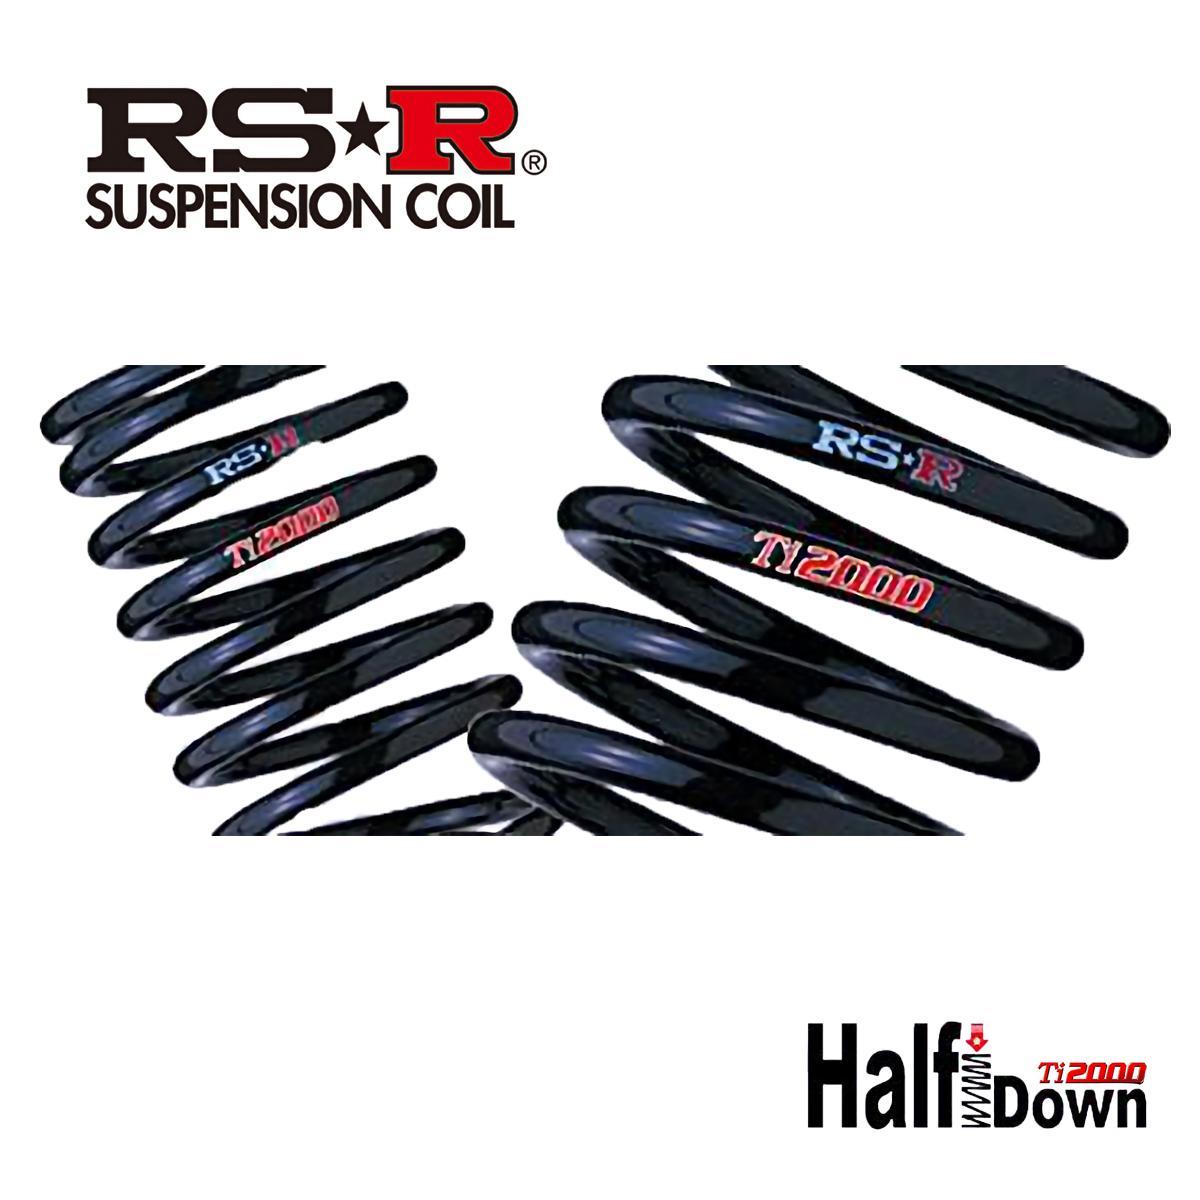 RS-R ステップワゴンスパーダ スパーダハイブリッドG EXホンダセンシング RP5 ダウンサス スプリング 1台分 H782THD Ti2000 ハーフダウン RSR 個人宅発送追金有